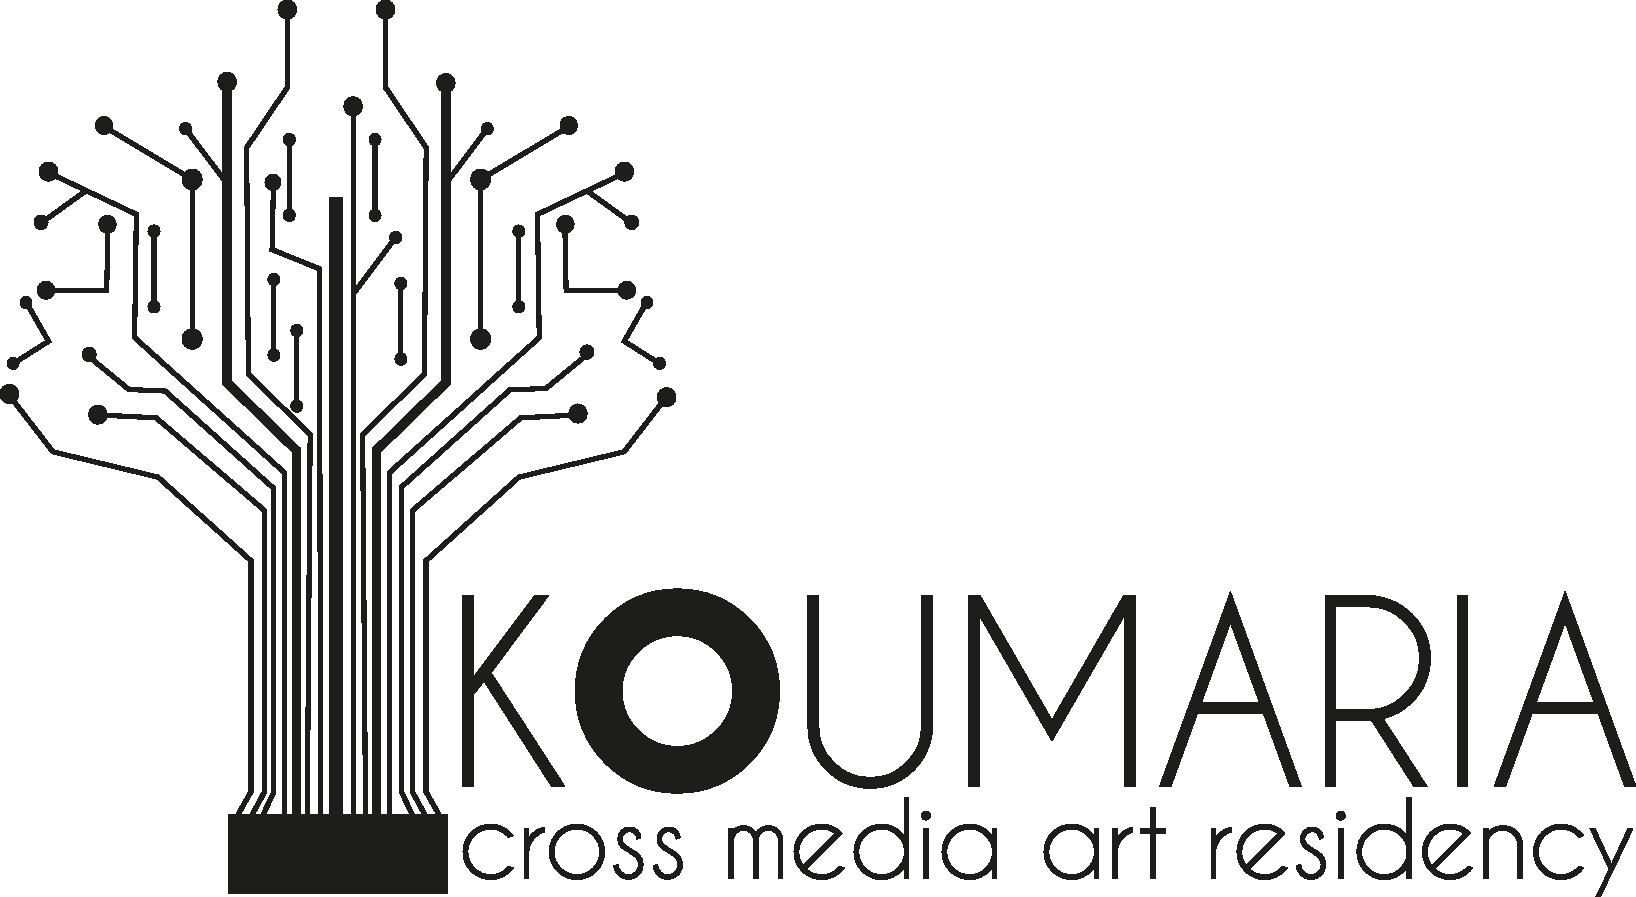 Koumaria